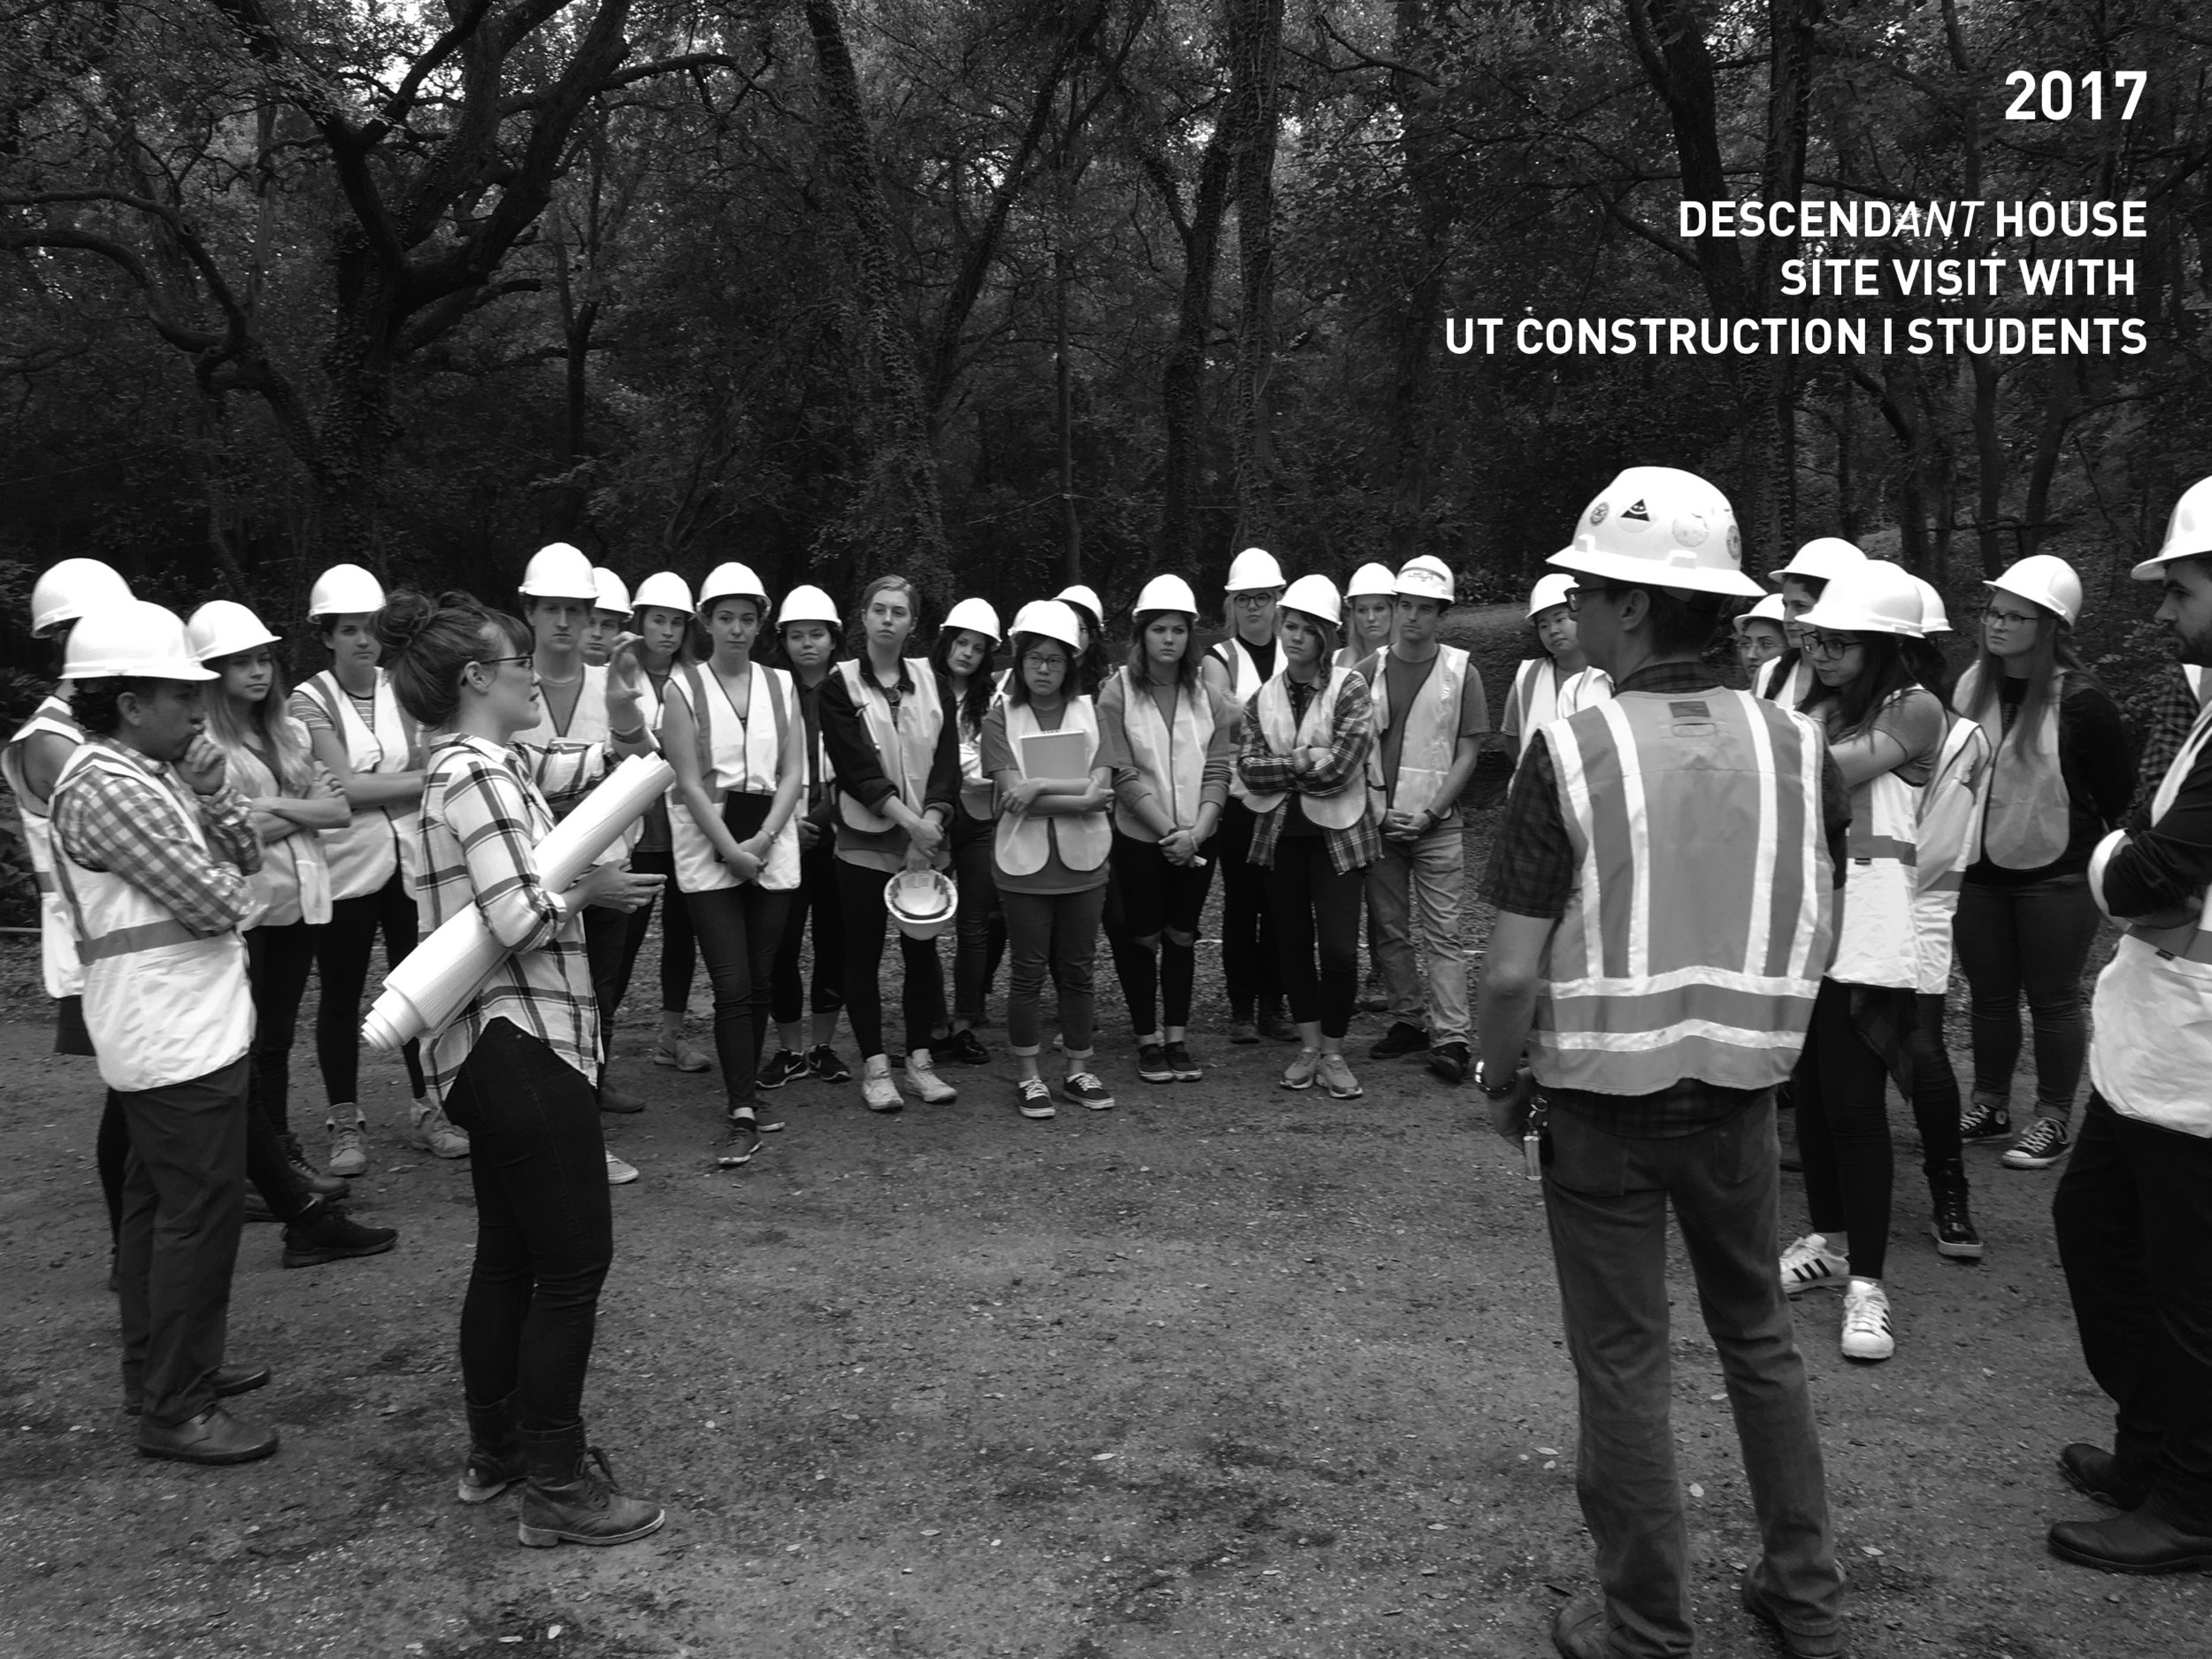 Sarah Johnson-2017_UT Construction visit-bw copy.jpg